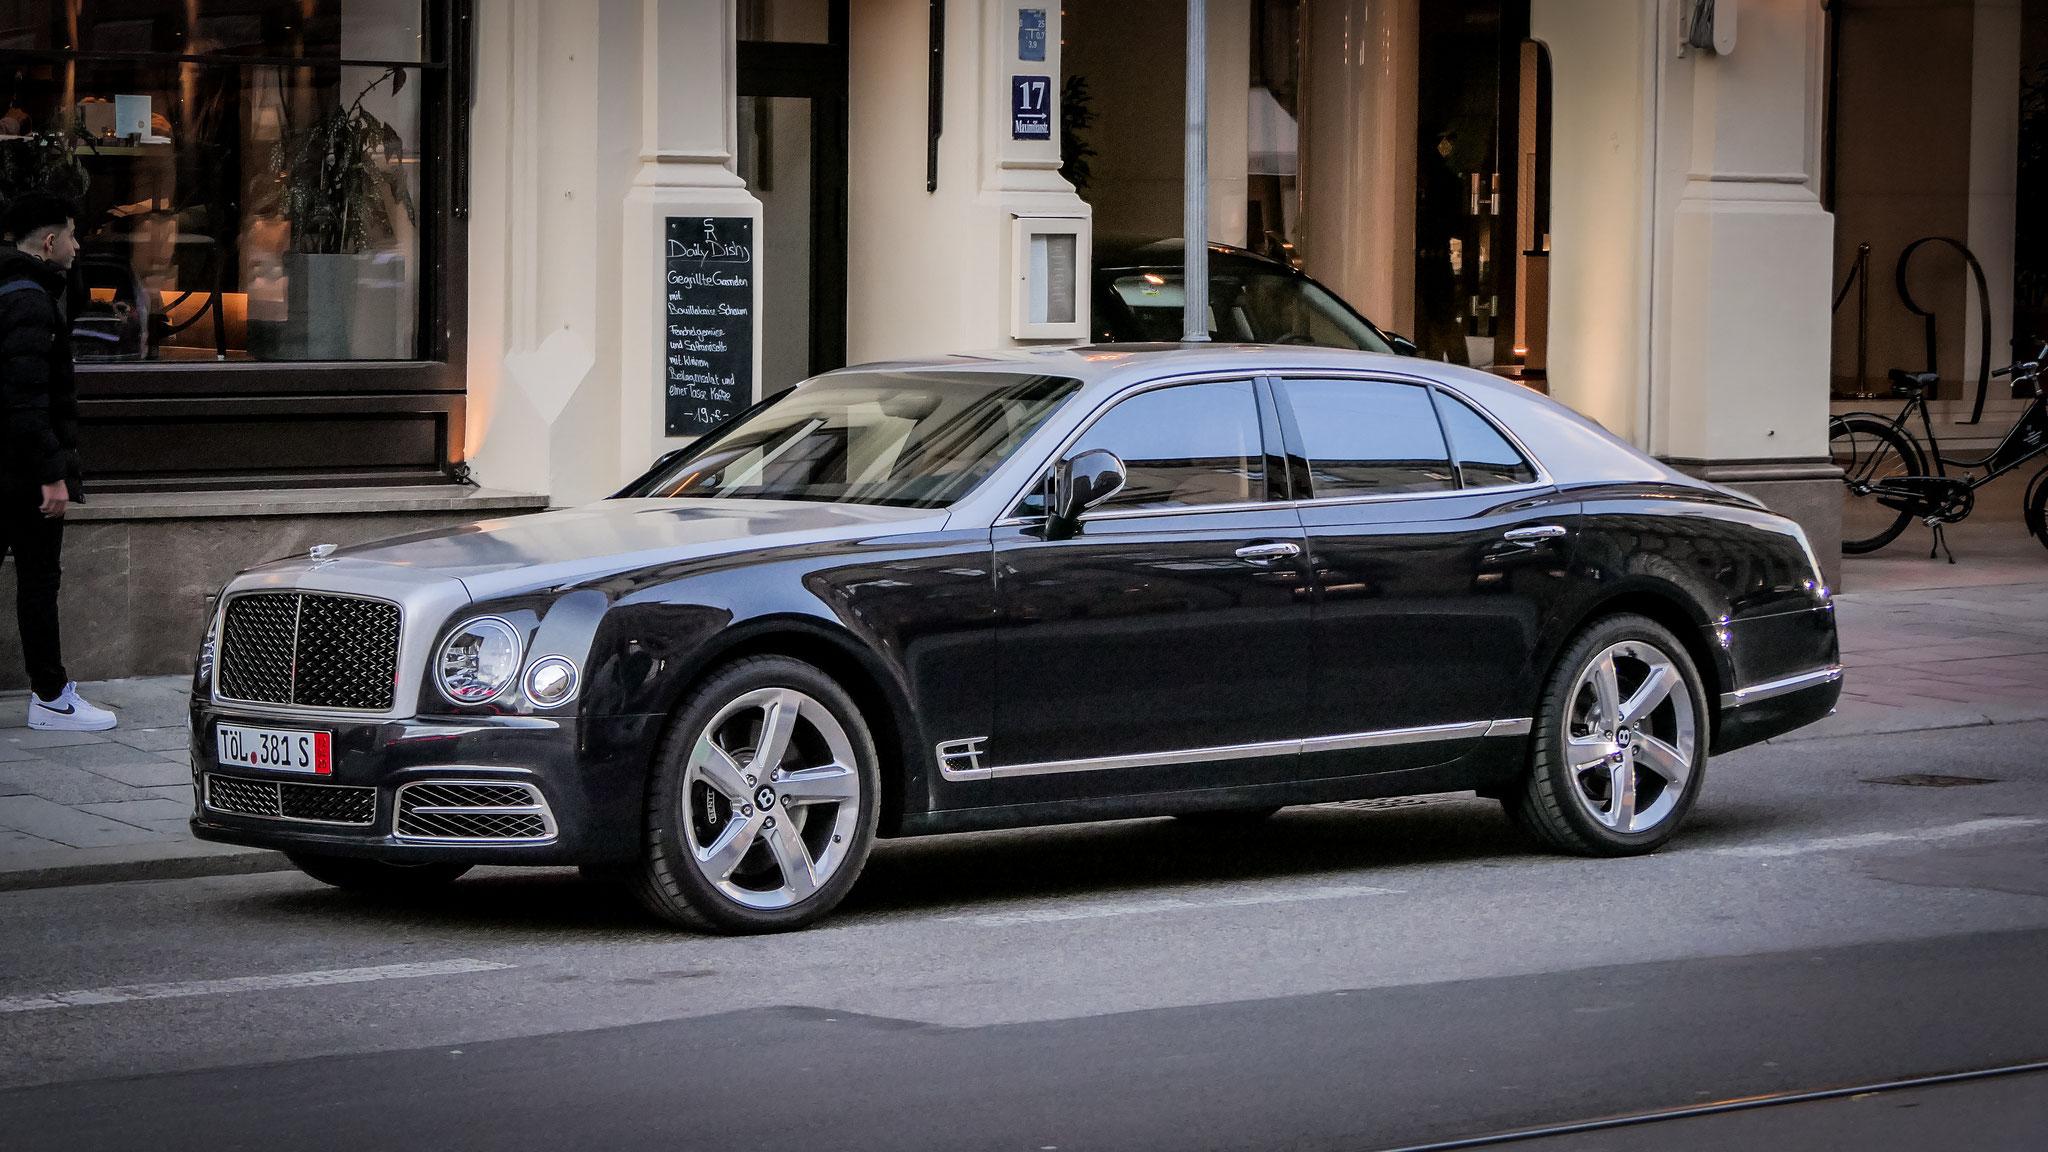 Bentley Mulsanne - TÖL-381-S